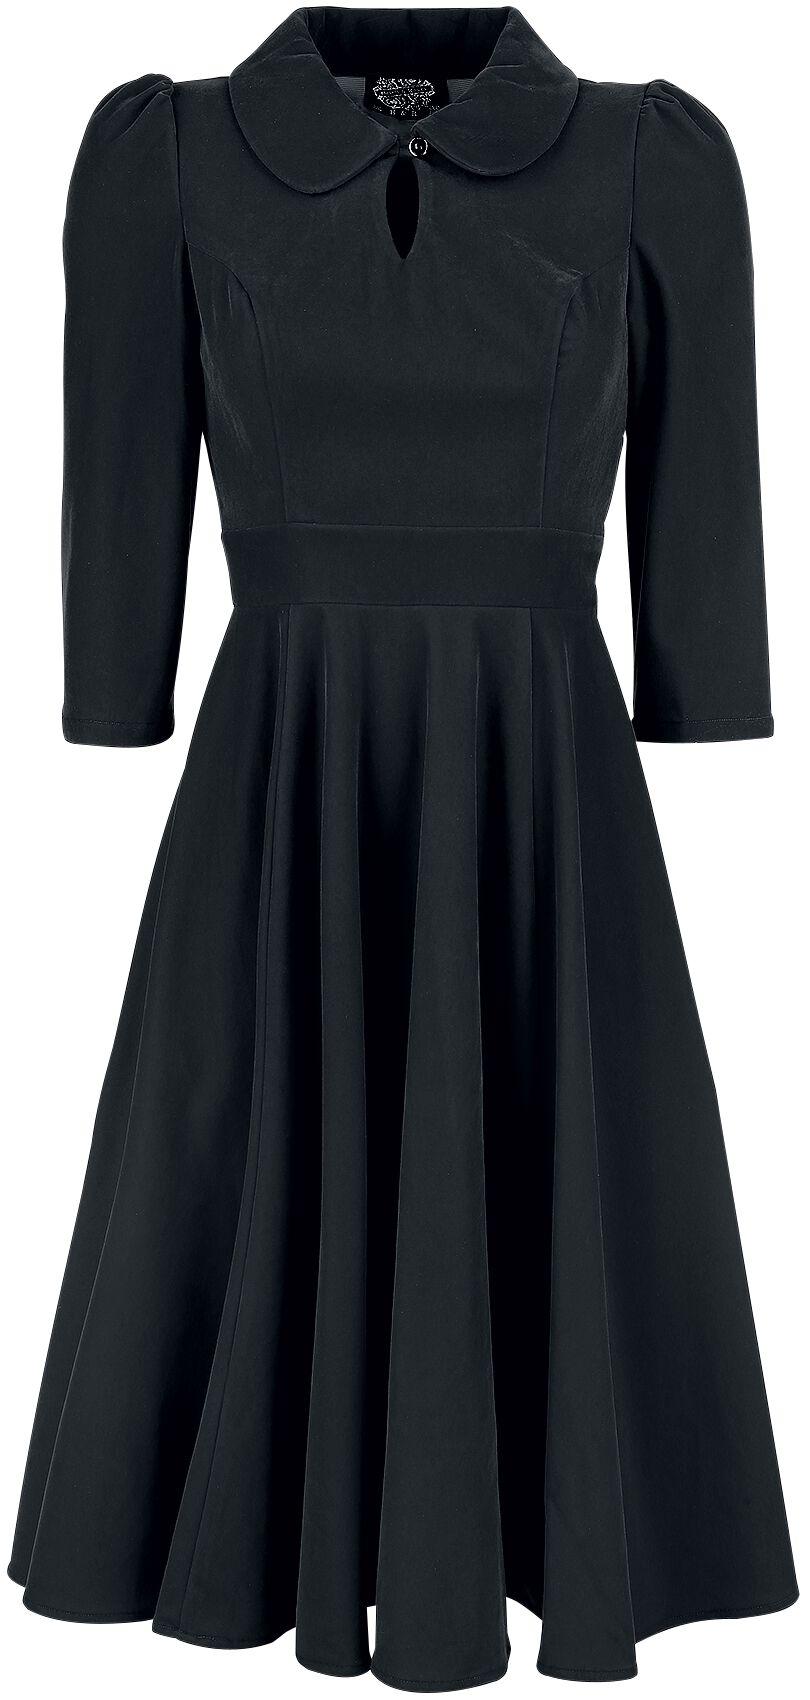 Kleider für Frauen - H R London Glamorous Velvet Tea Dress Kleid schwarz  - Onlineshop EMP